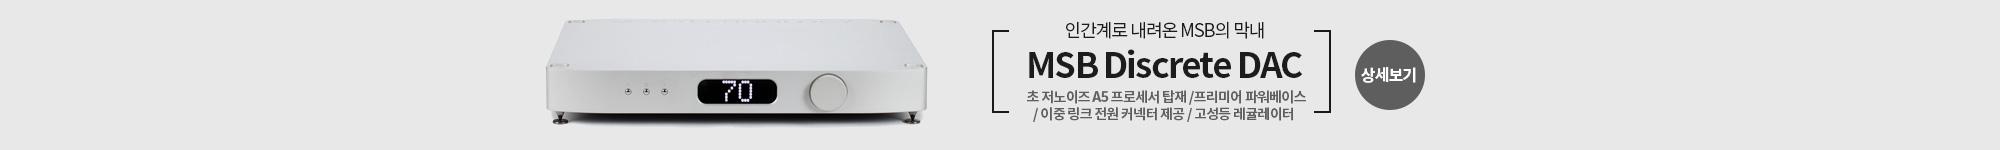 MSB Discrete DAC